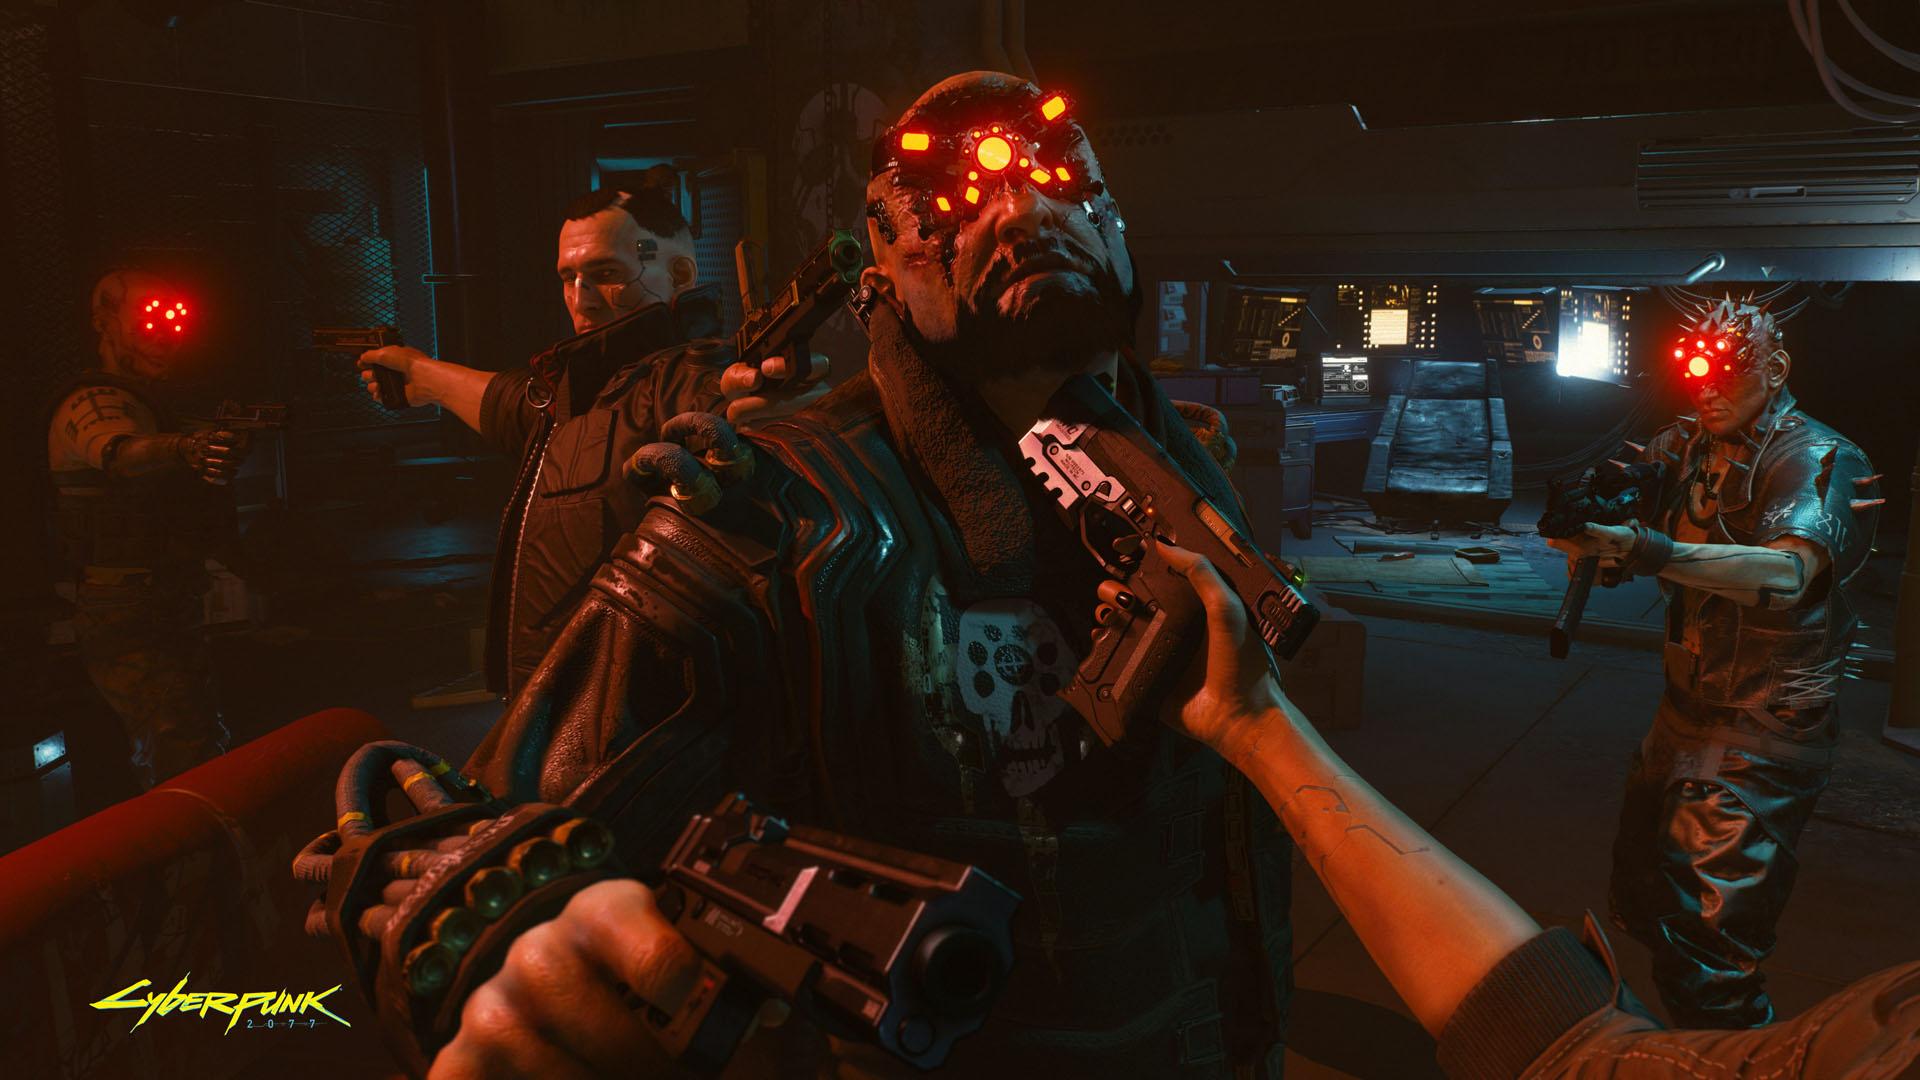 Preview Cyberpunk 2077 screen Cyberpunk2077 Outnumbered But Not Outgunned RGB en